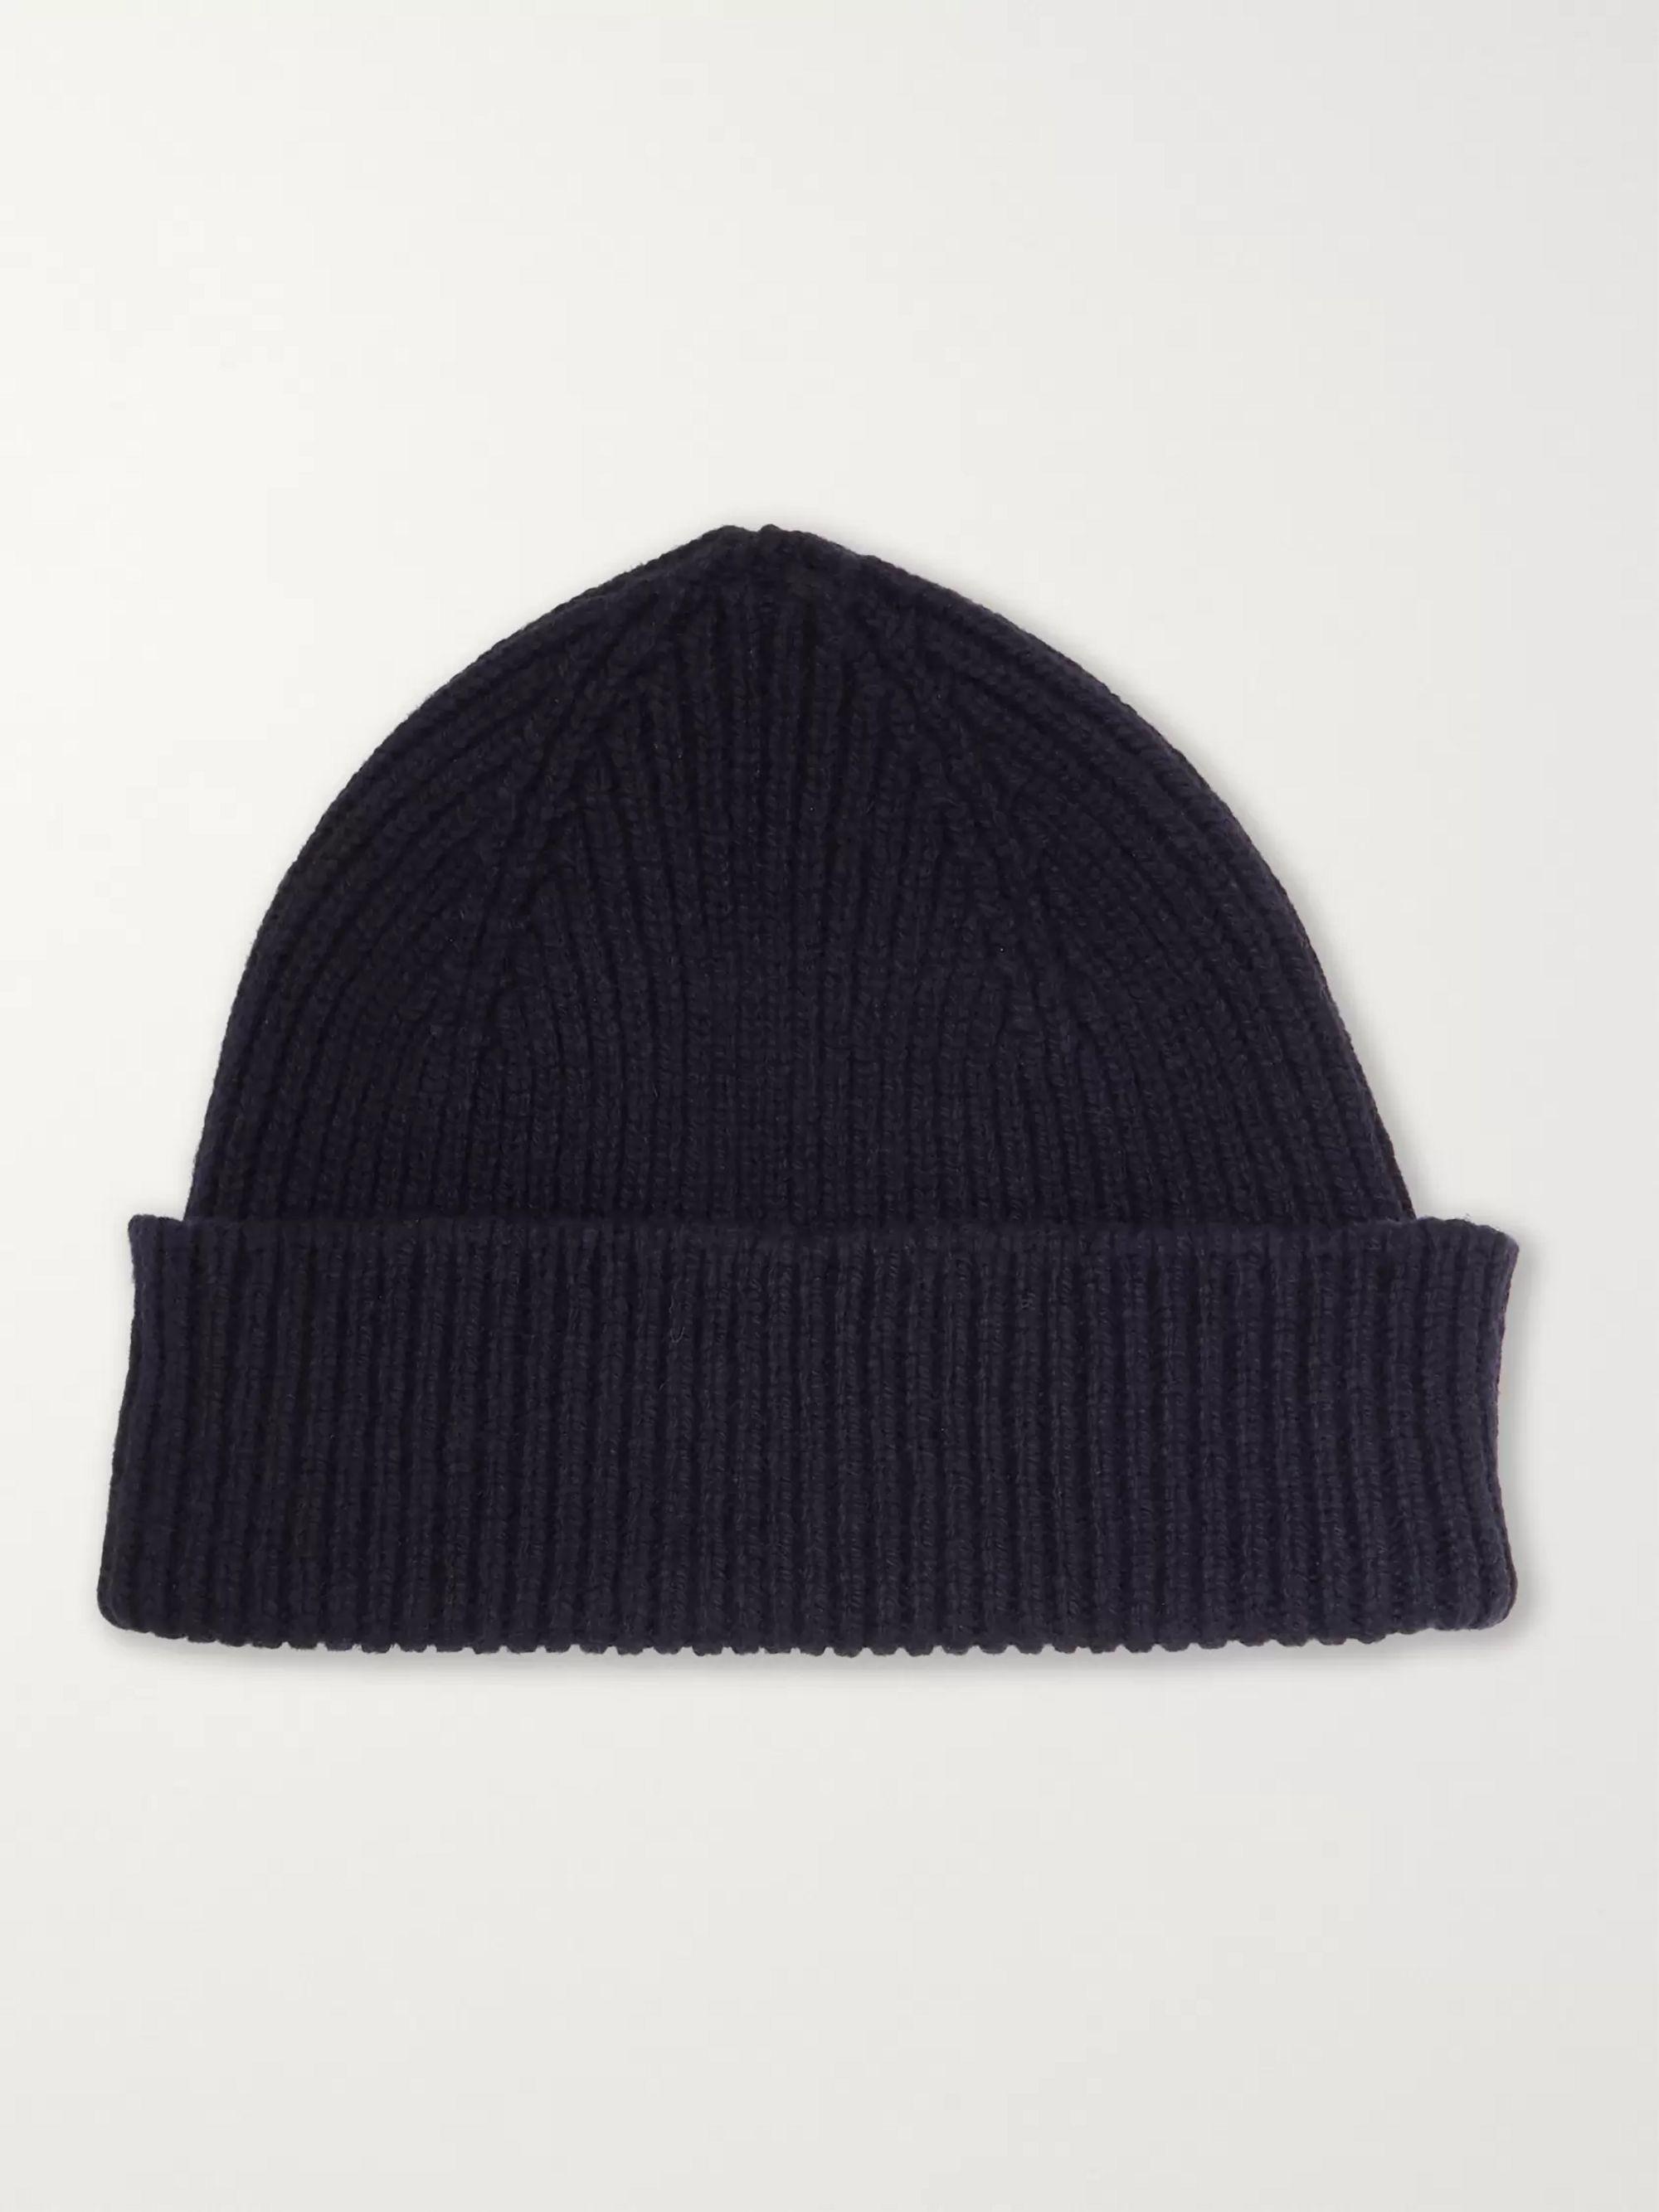 a04afca10 Men's Hats | Designer Accessories | MR PORTER